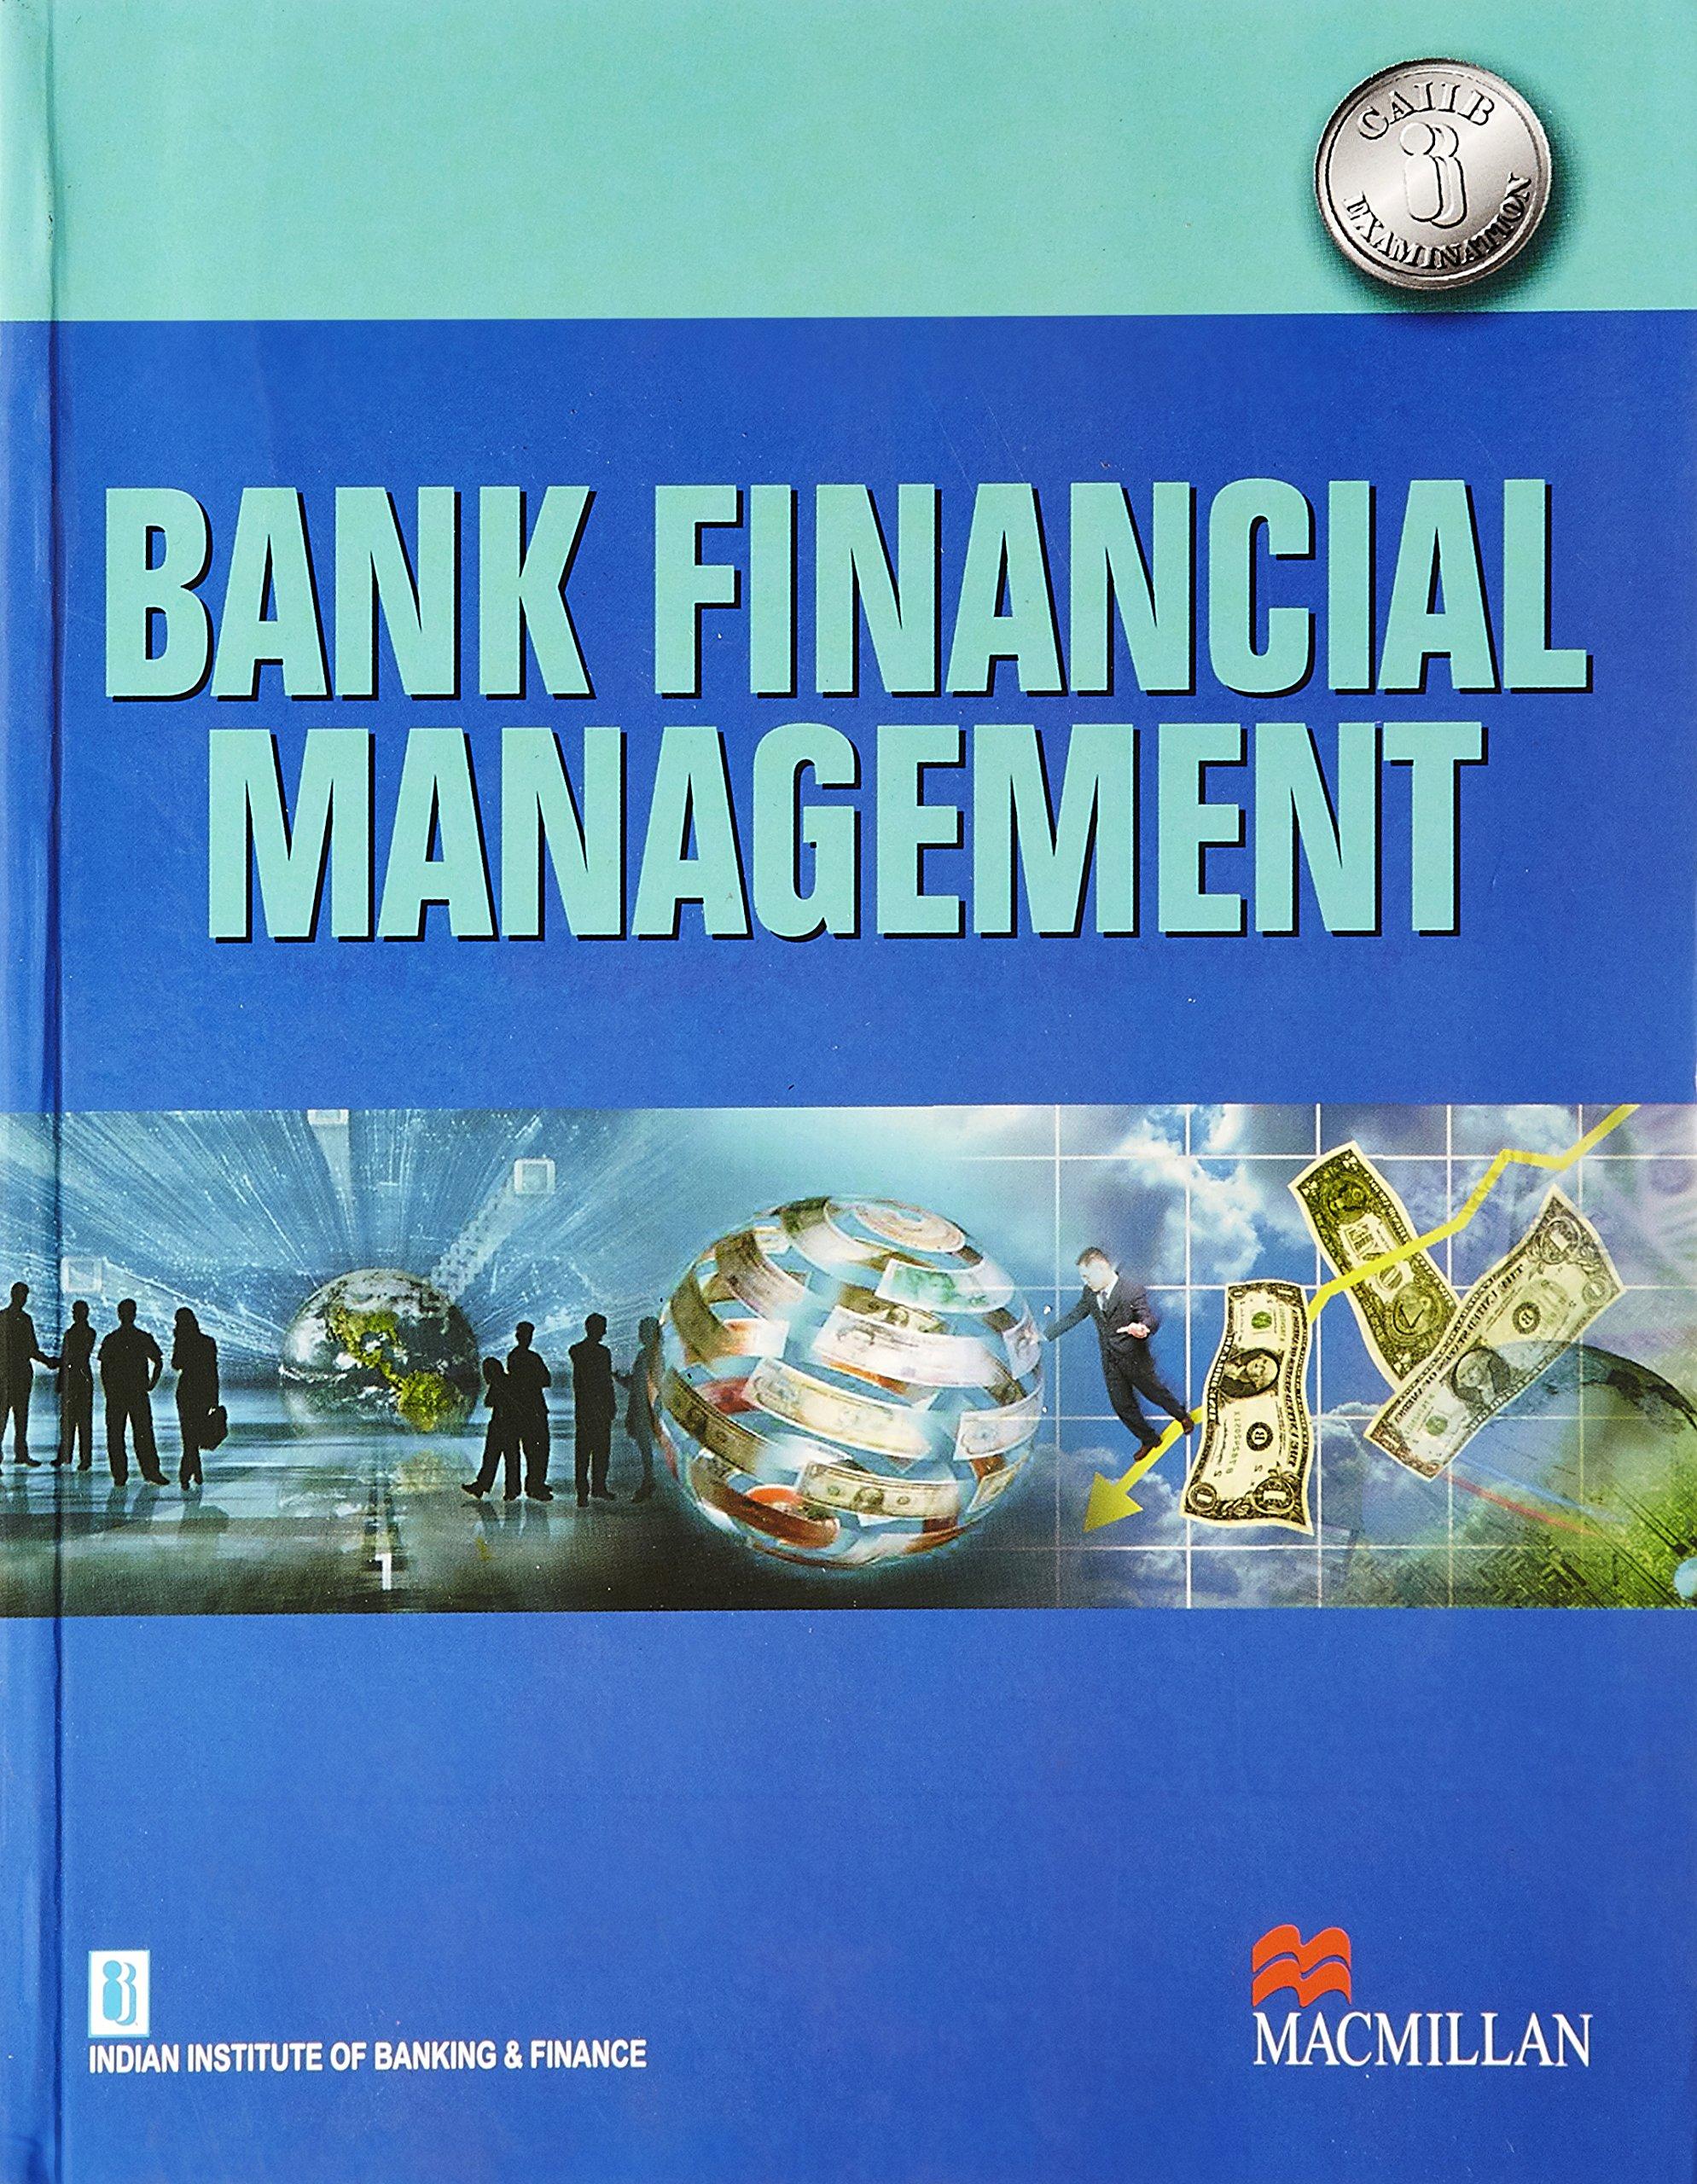 Bank financial management amazon iibf indian institute of bank financial management amazon iibf indian institute of banking and finance books fandeluxe Gallery